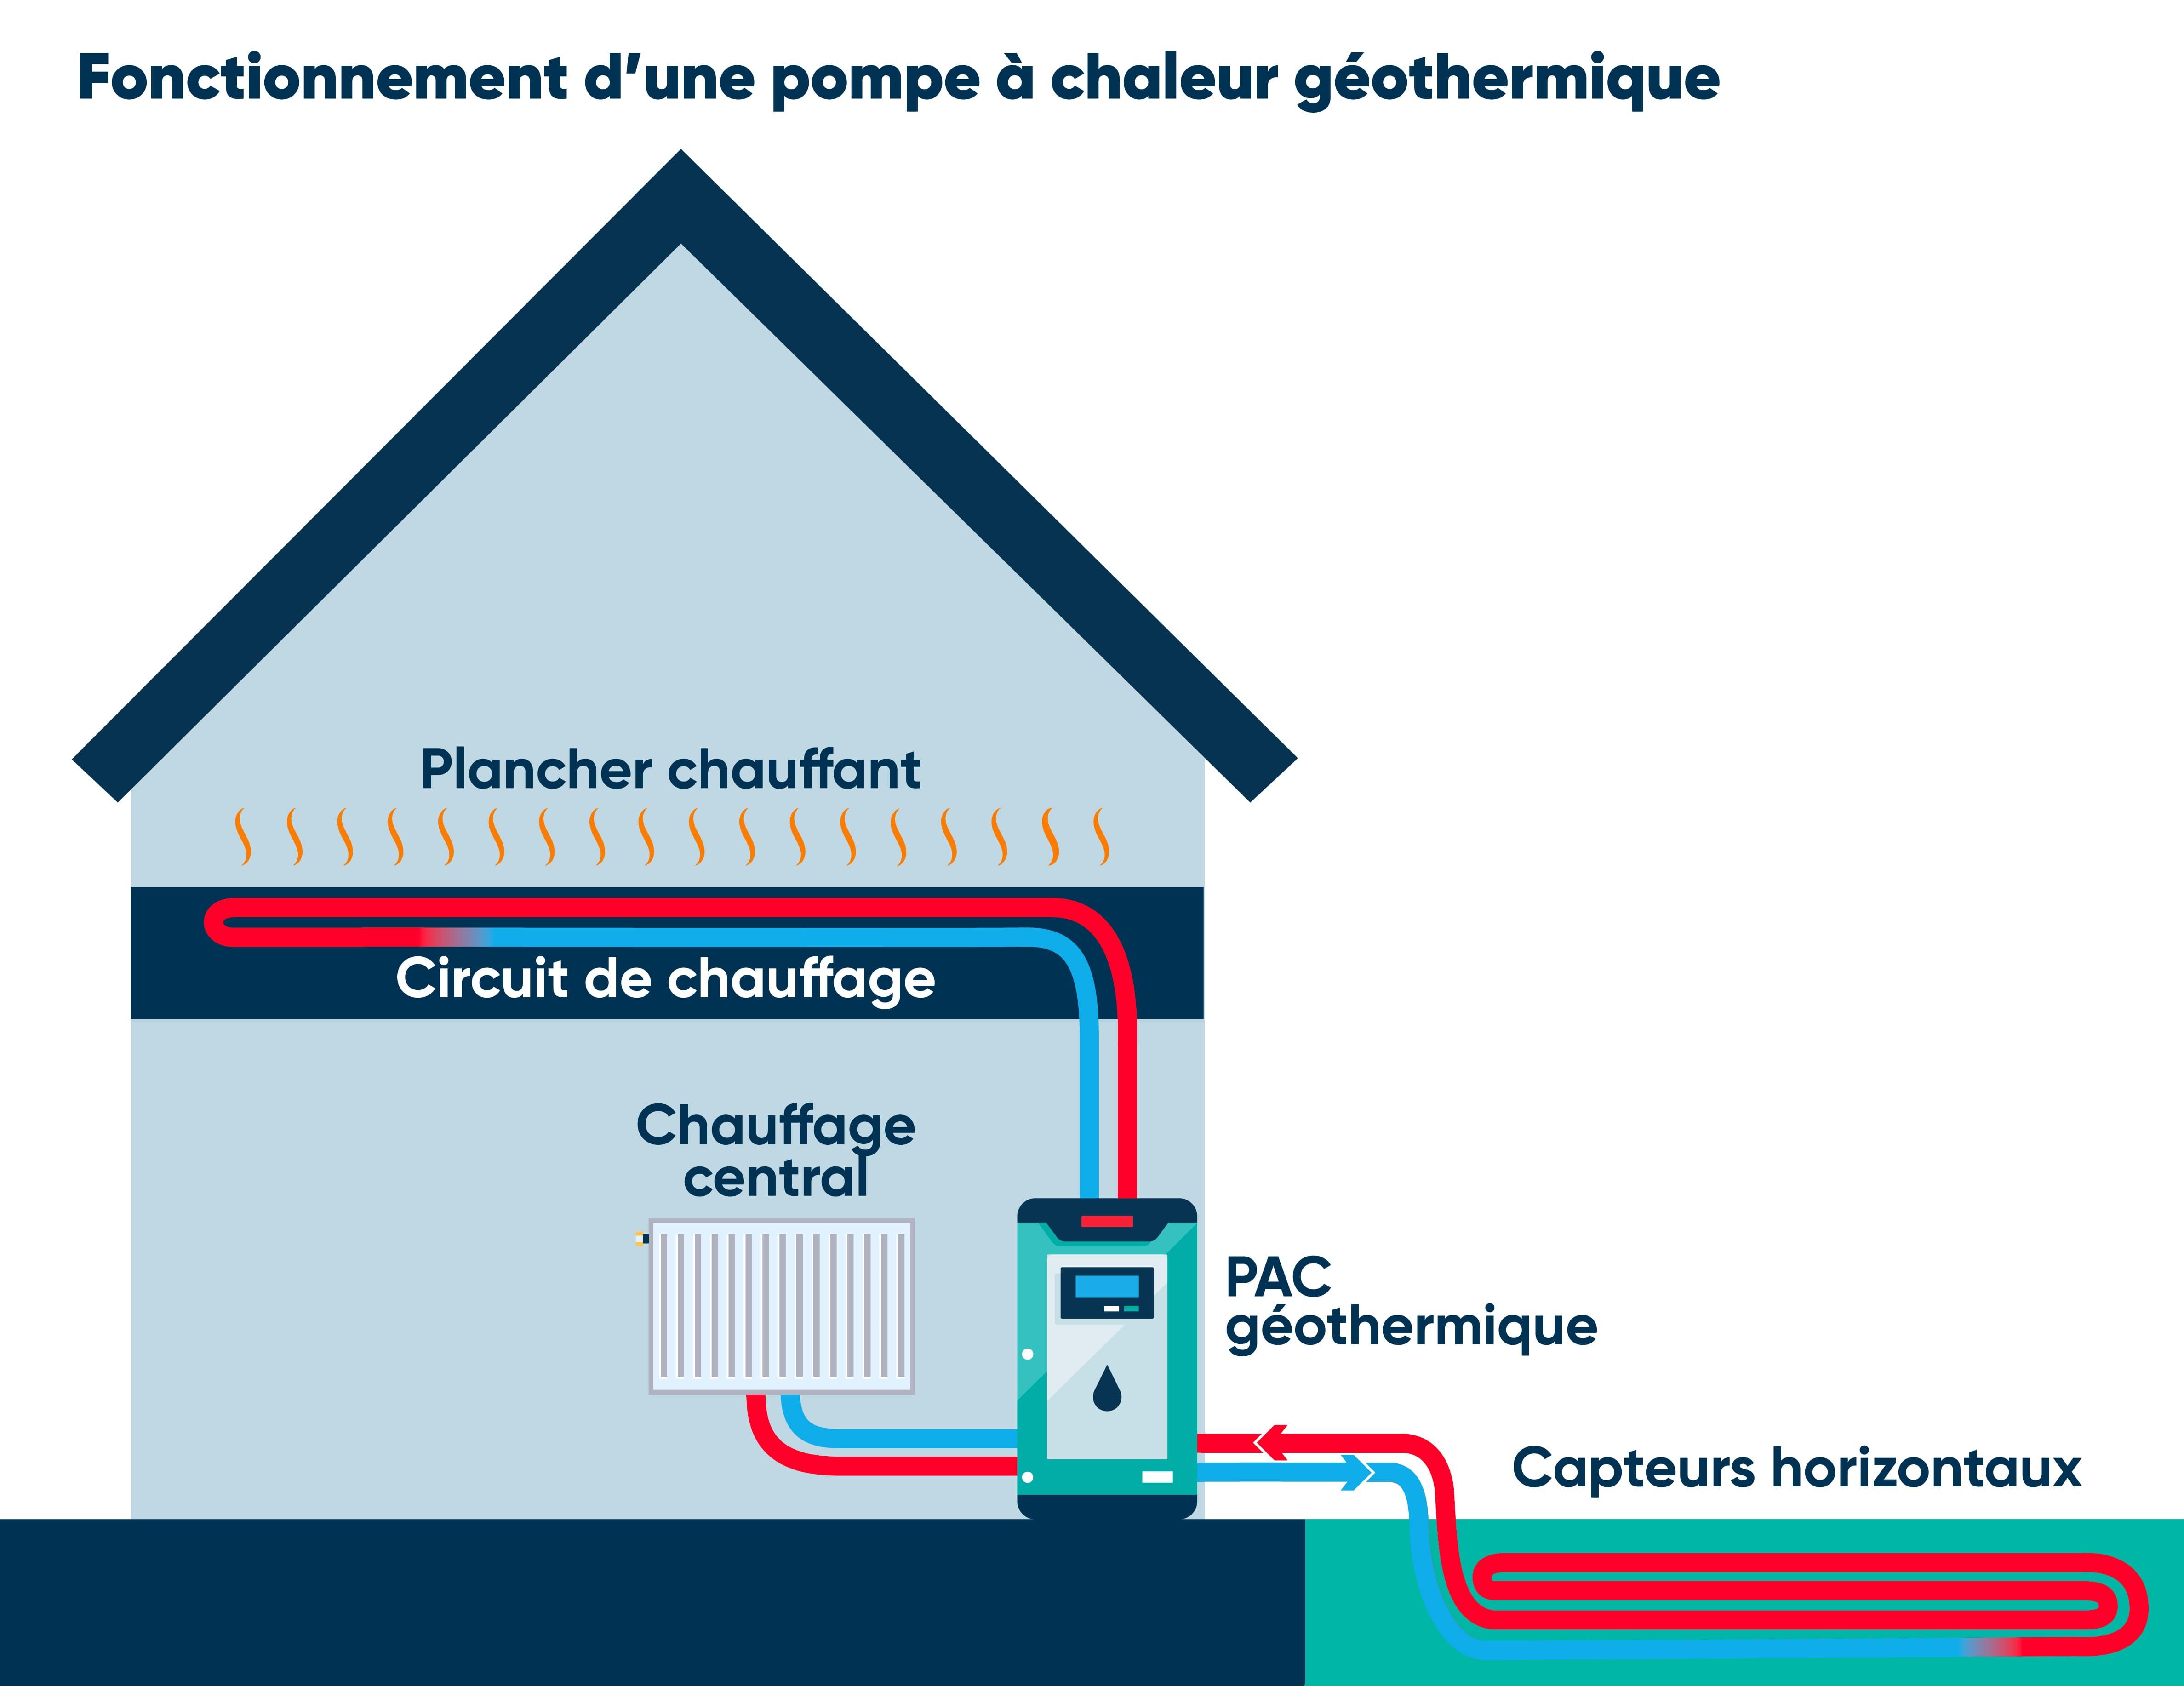 Fonctionnement PAC géothermique